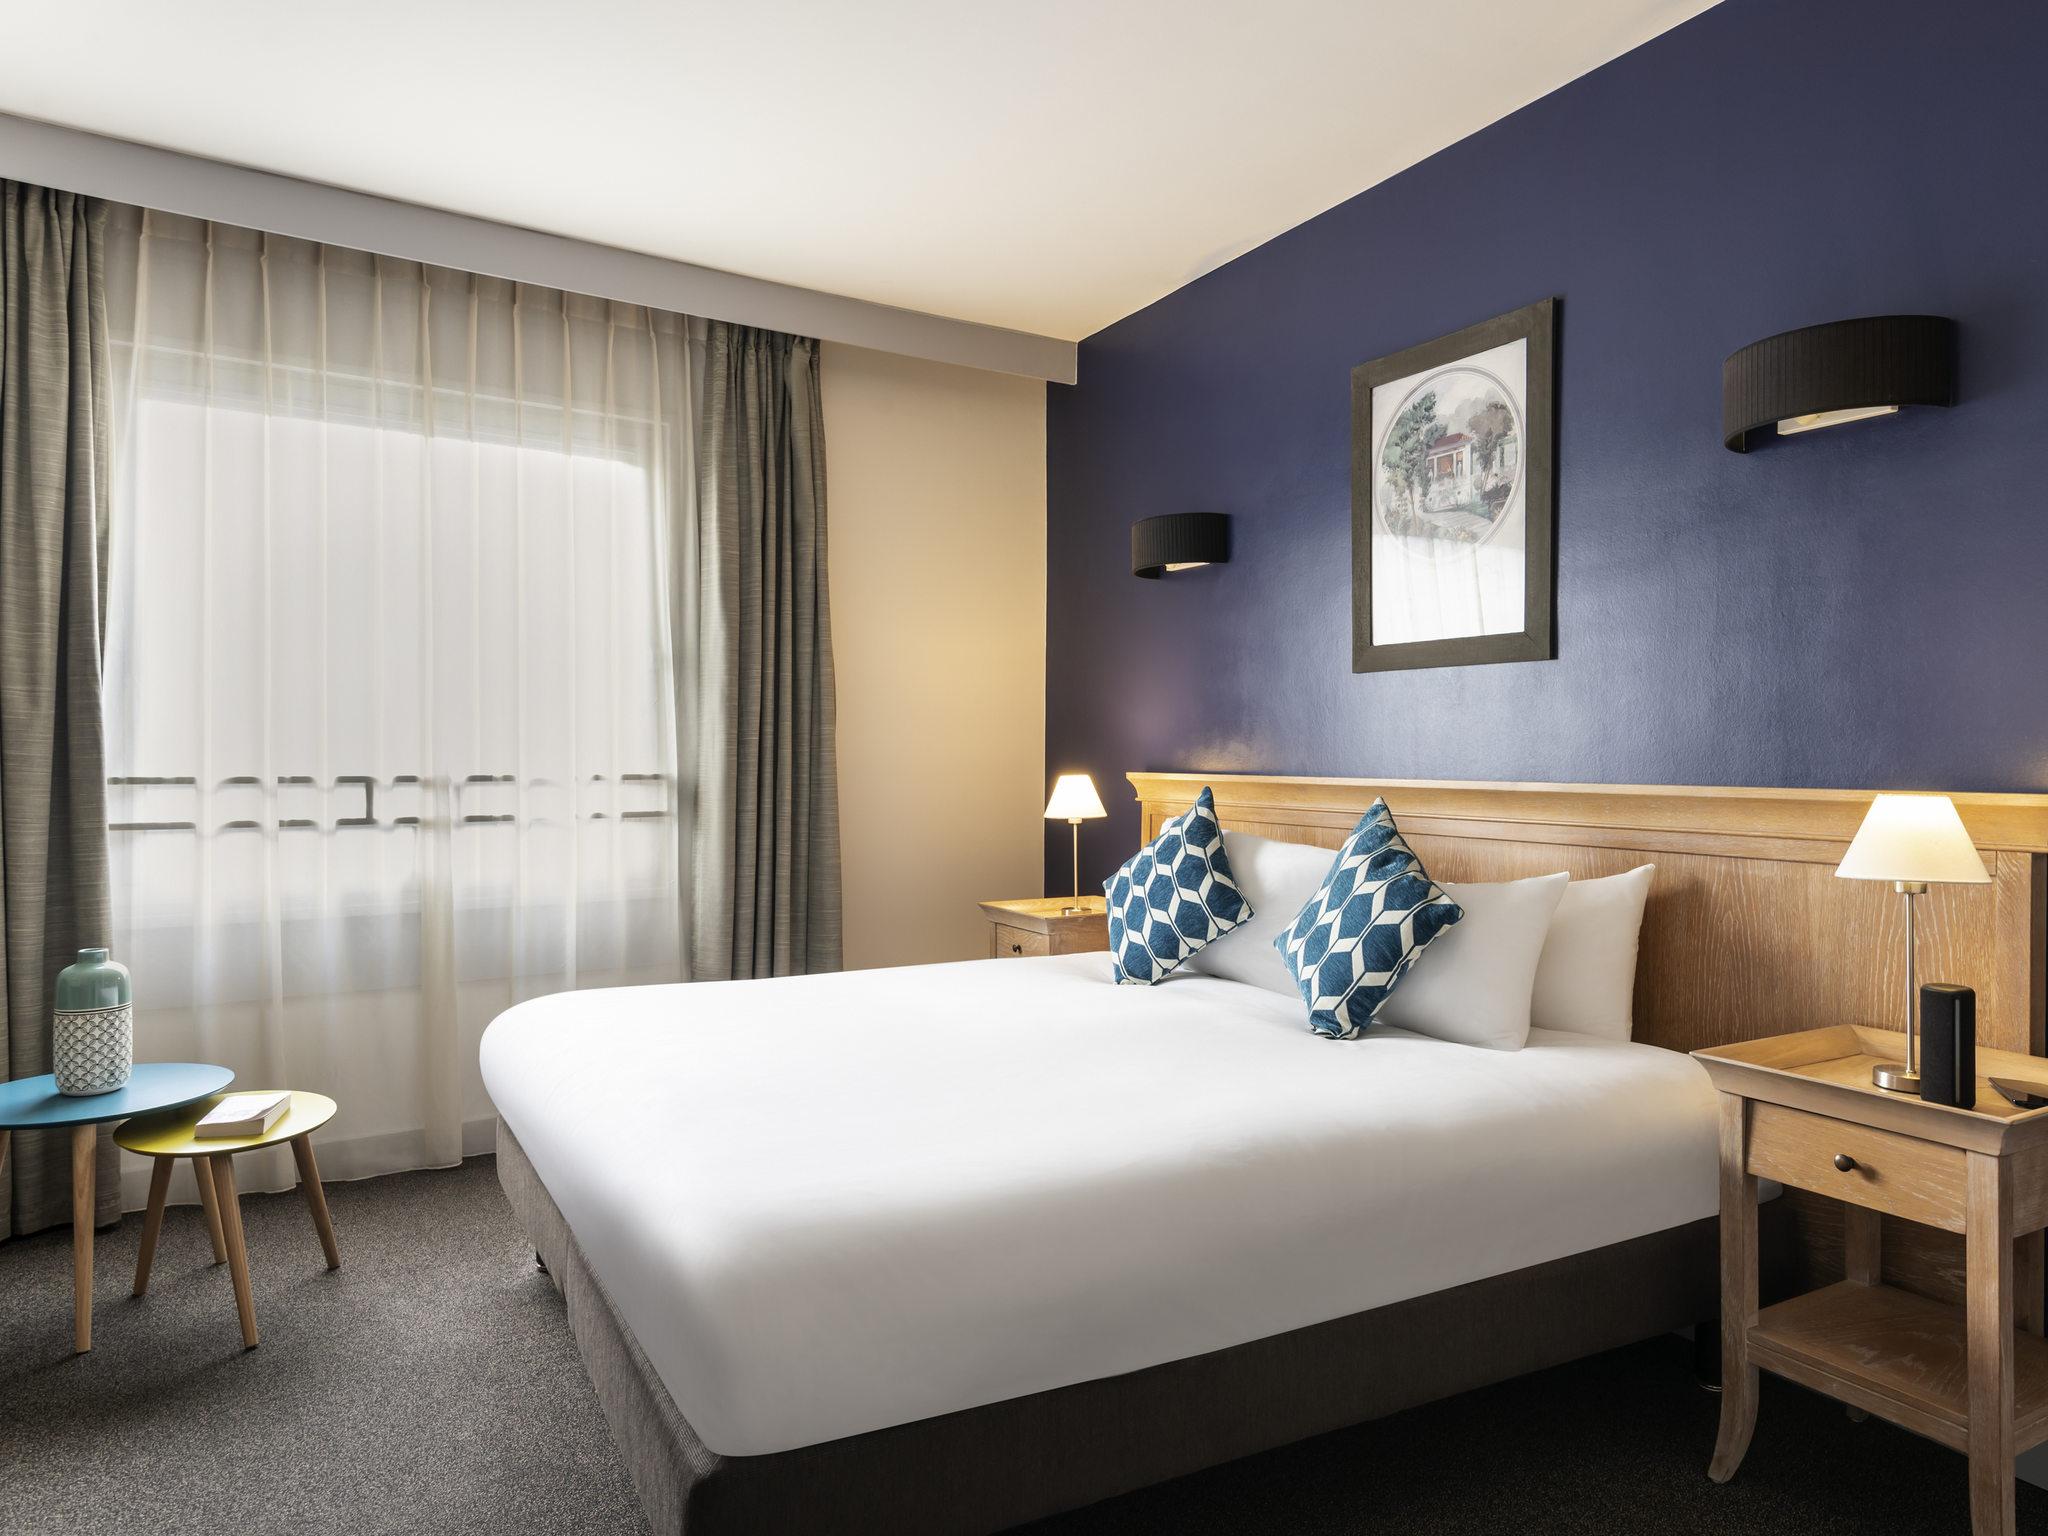 فندق - أداجيو Aparthotel Adagio لاديفانس إسبلاناد